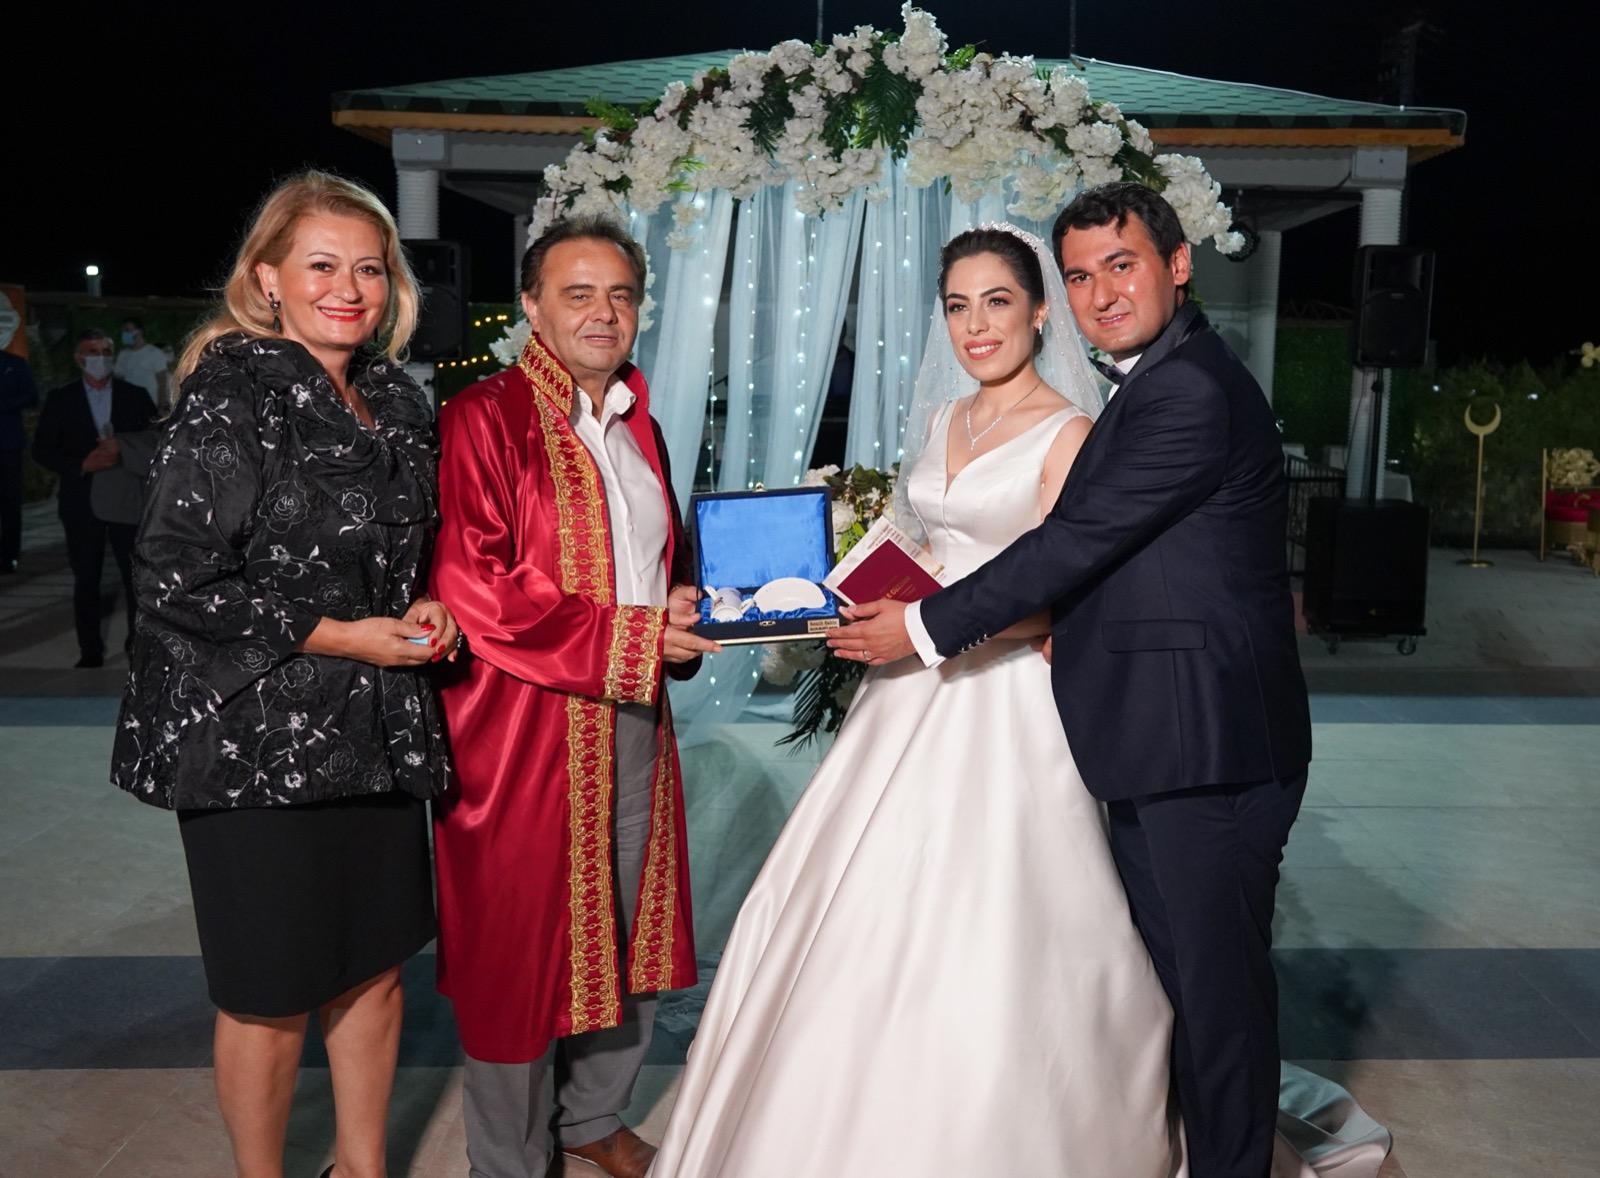 Bilecik Belediye Başkanı Şahin, Ailelerin Mutluluğunu Paylaşıyor